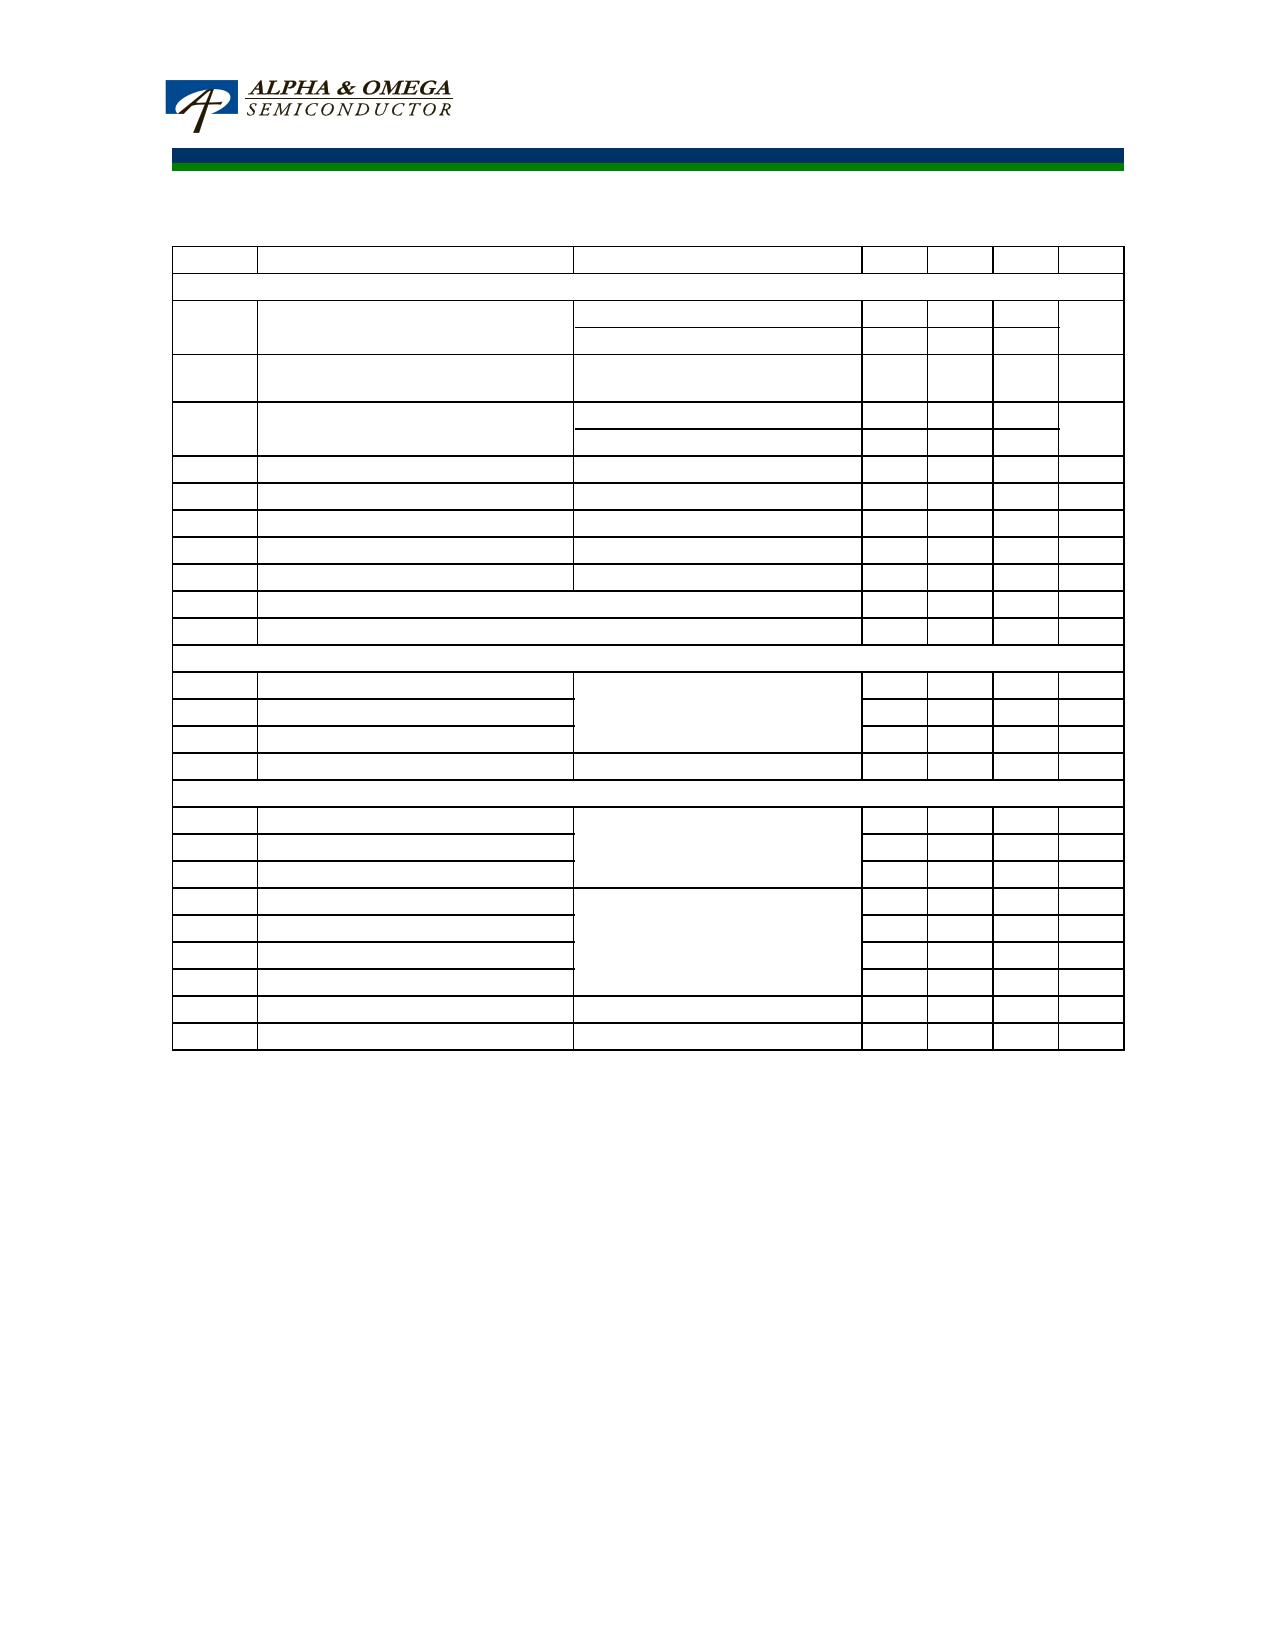 D9N40 pdf pinout